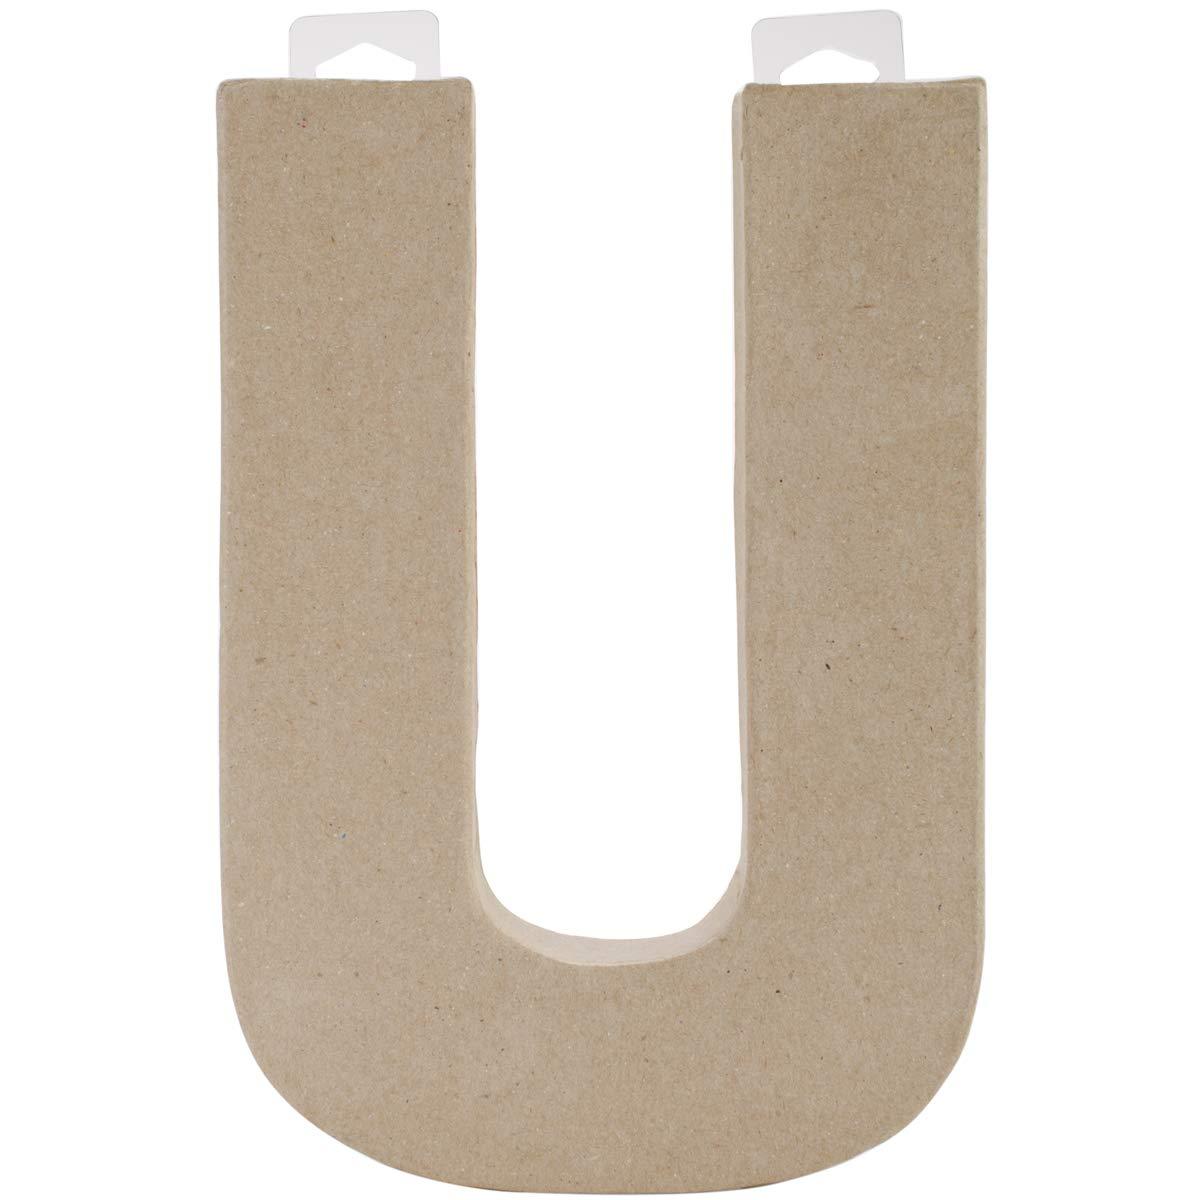 Paper Mache Letter U 8 X 5.5 Inches (12 Pack)